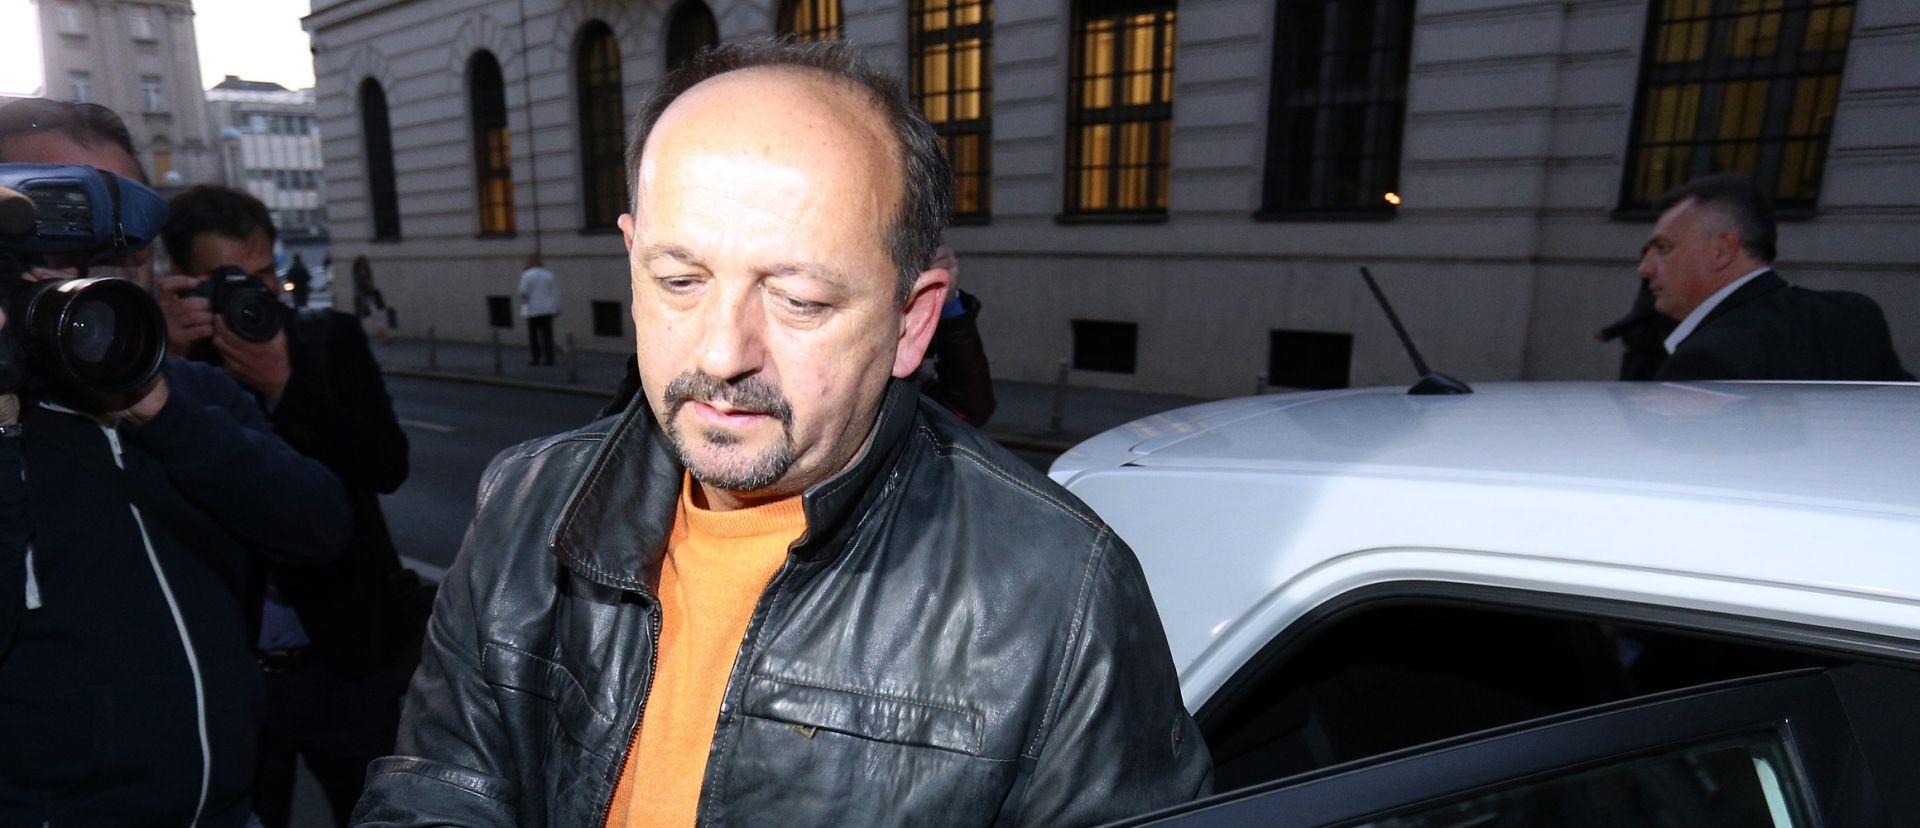 Lovrinović: O prodaji strateške imovine treba odlučivati Sabor, ne samo Vlada